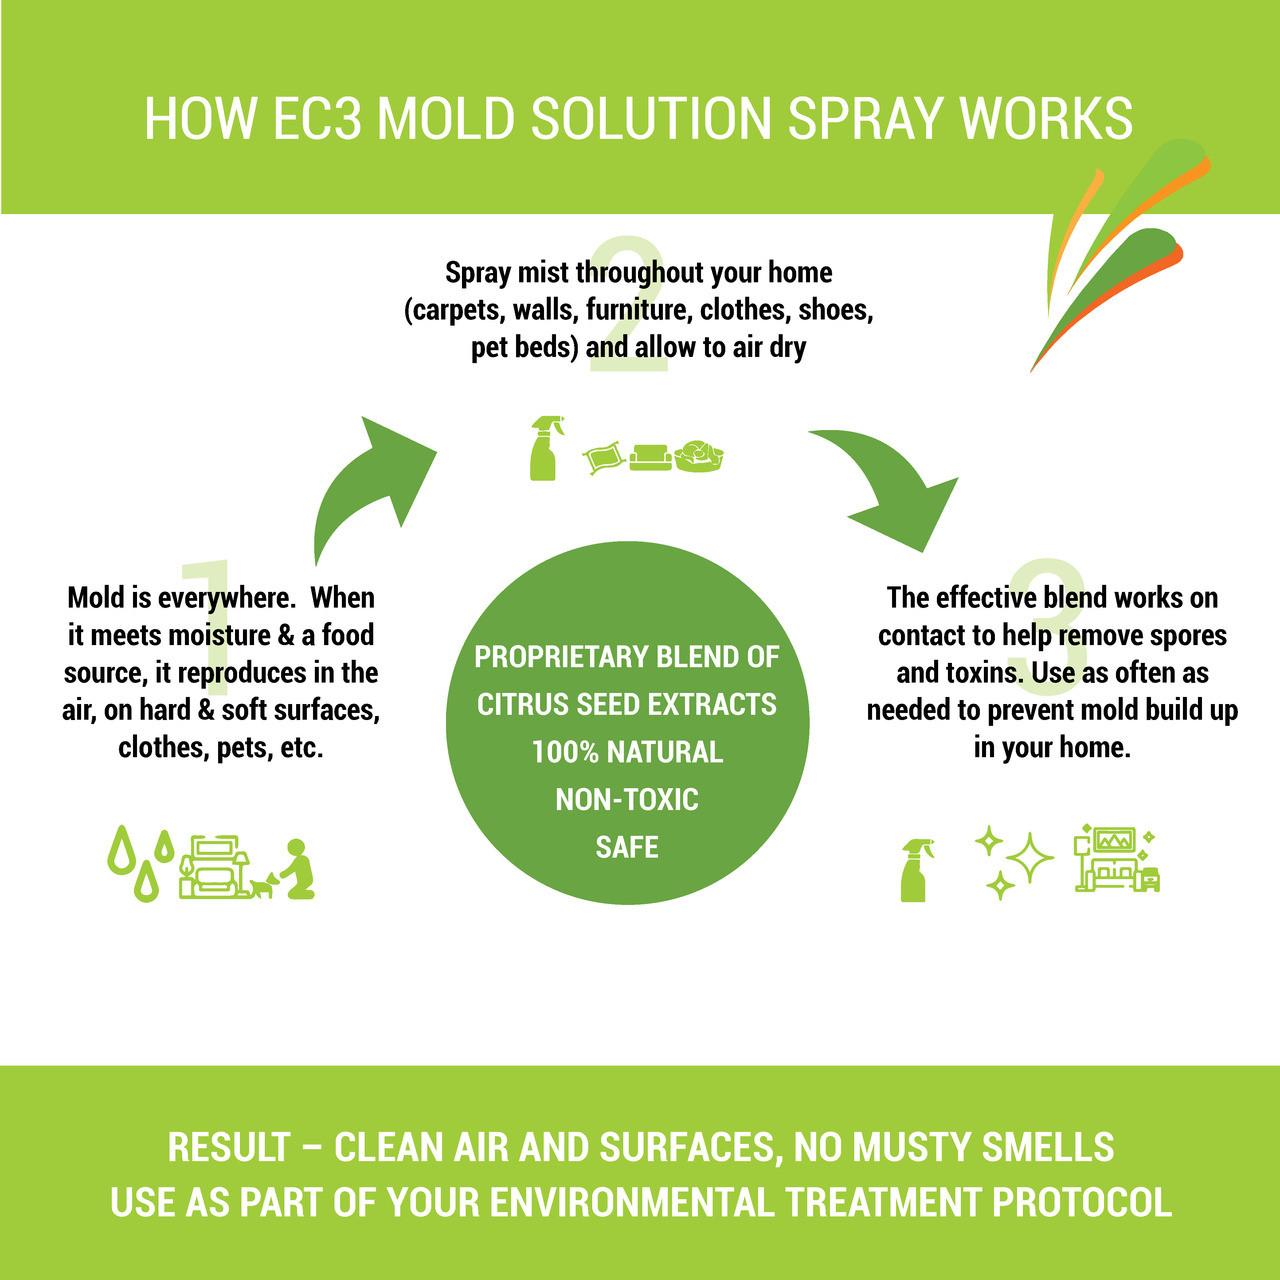 EC3 Mold Solution Spray